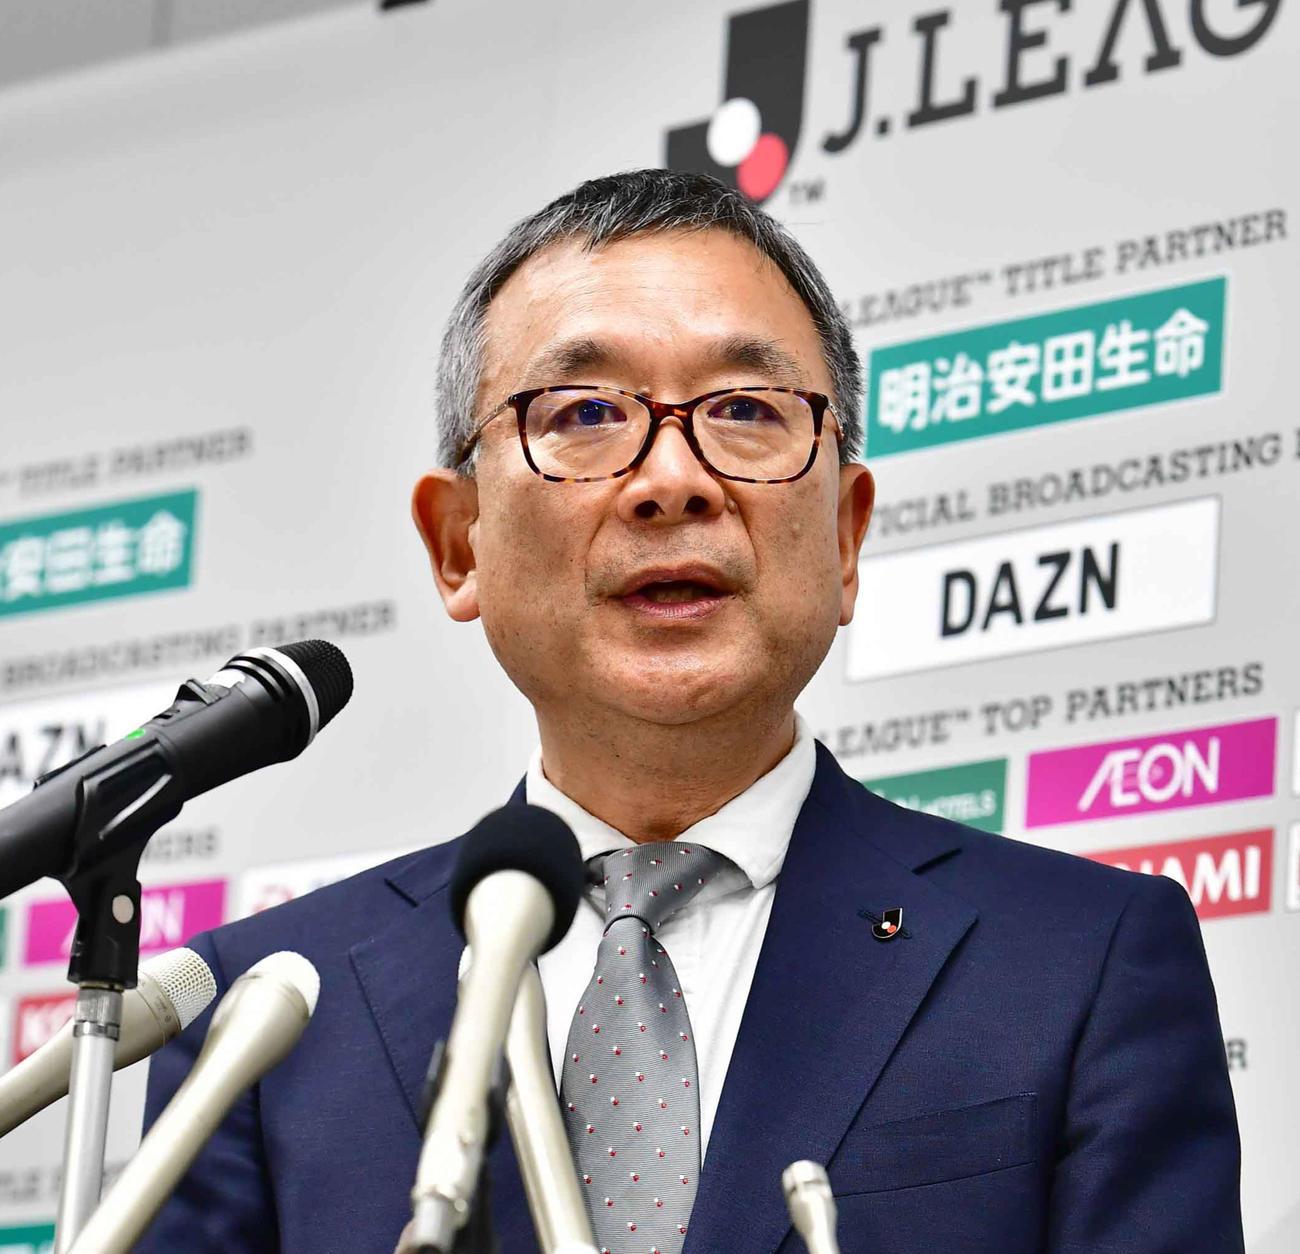 2月25日、新型コロナウイルスの影響により公式戦開催を延期すると発表したJリーグ村井チェアマン